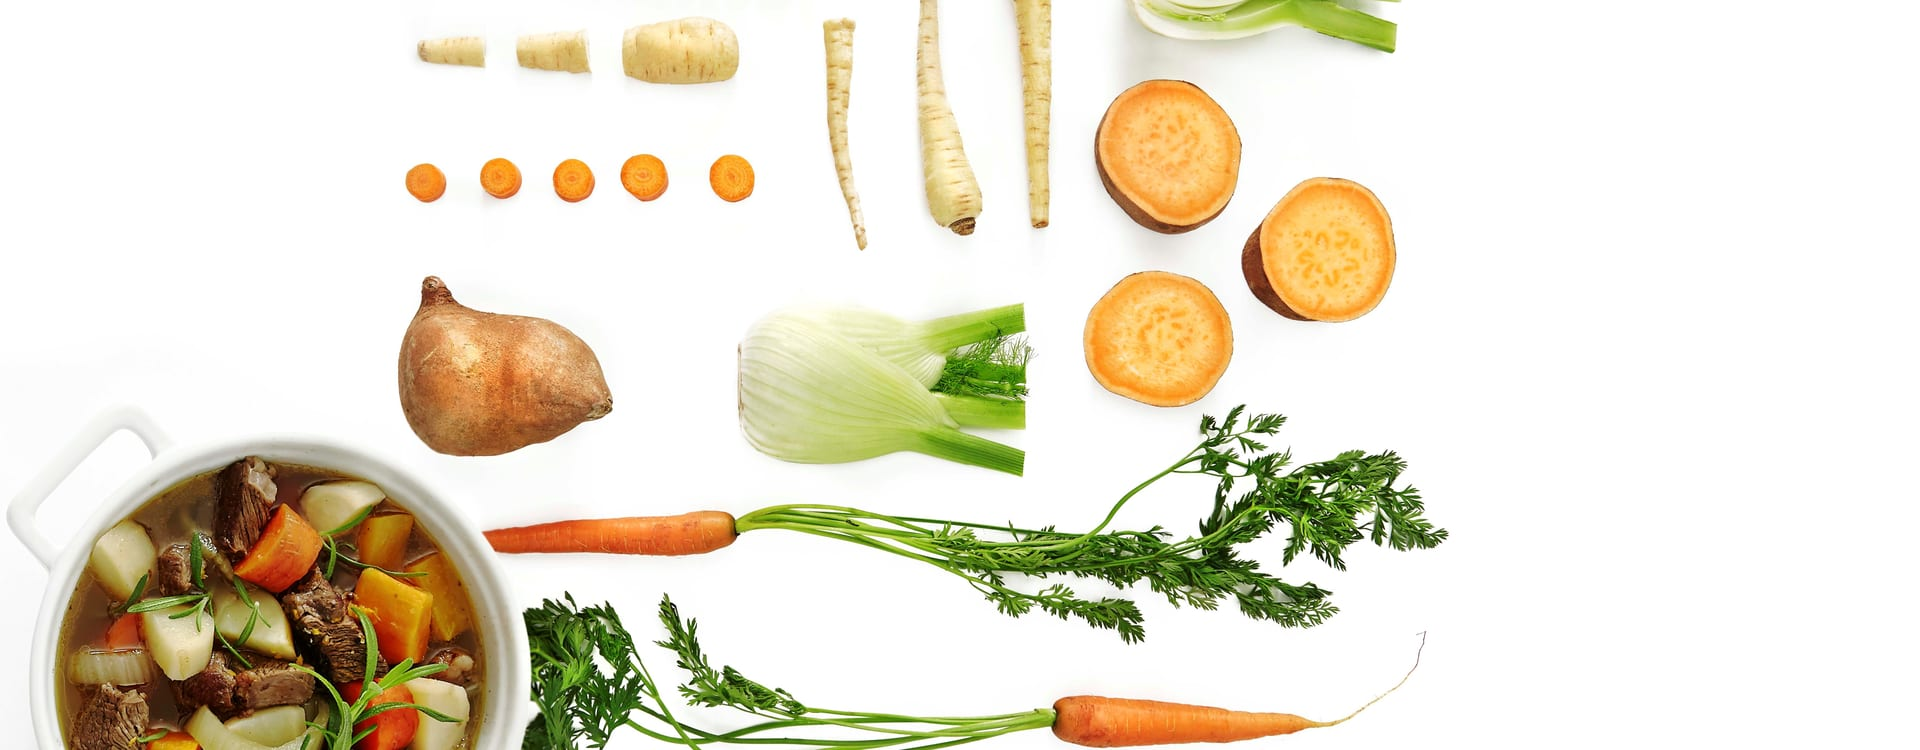 Lapskaus med mye grønnsaker